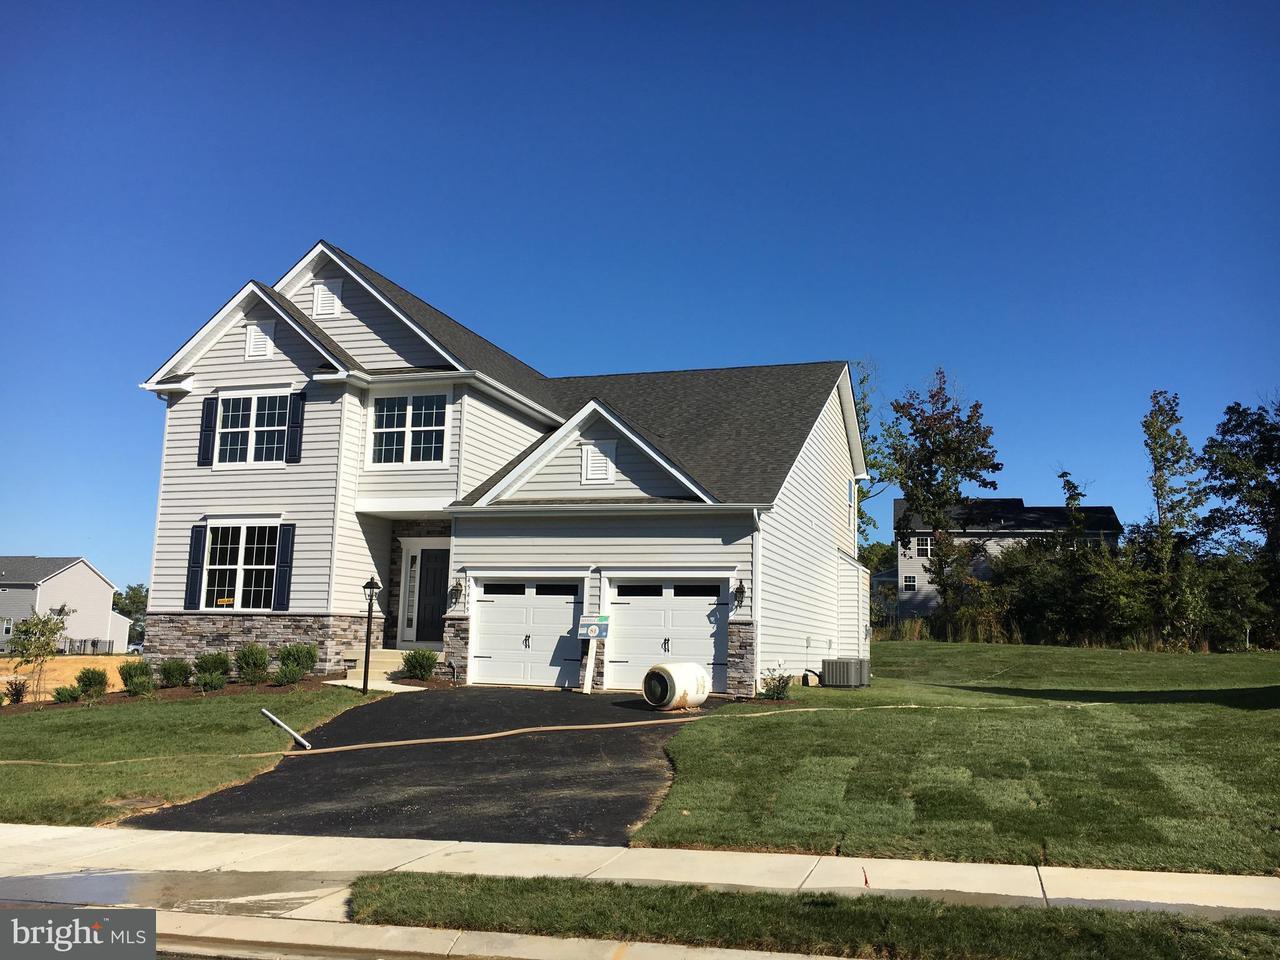 Einfamilienhaus für Verkauf beim 45465 HAVENRIDGE Street 45465 HAVENRIDGE Street California, Maryland 20619 Vereinigte Staaten